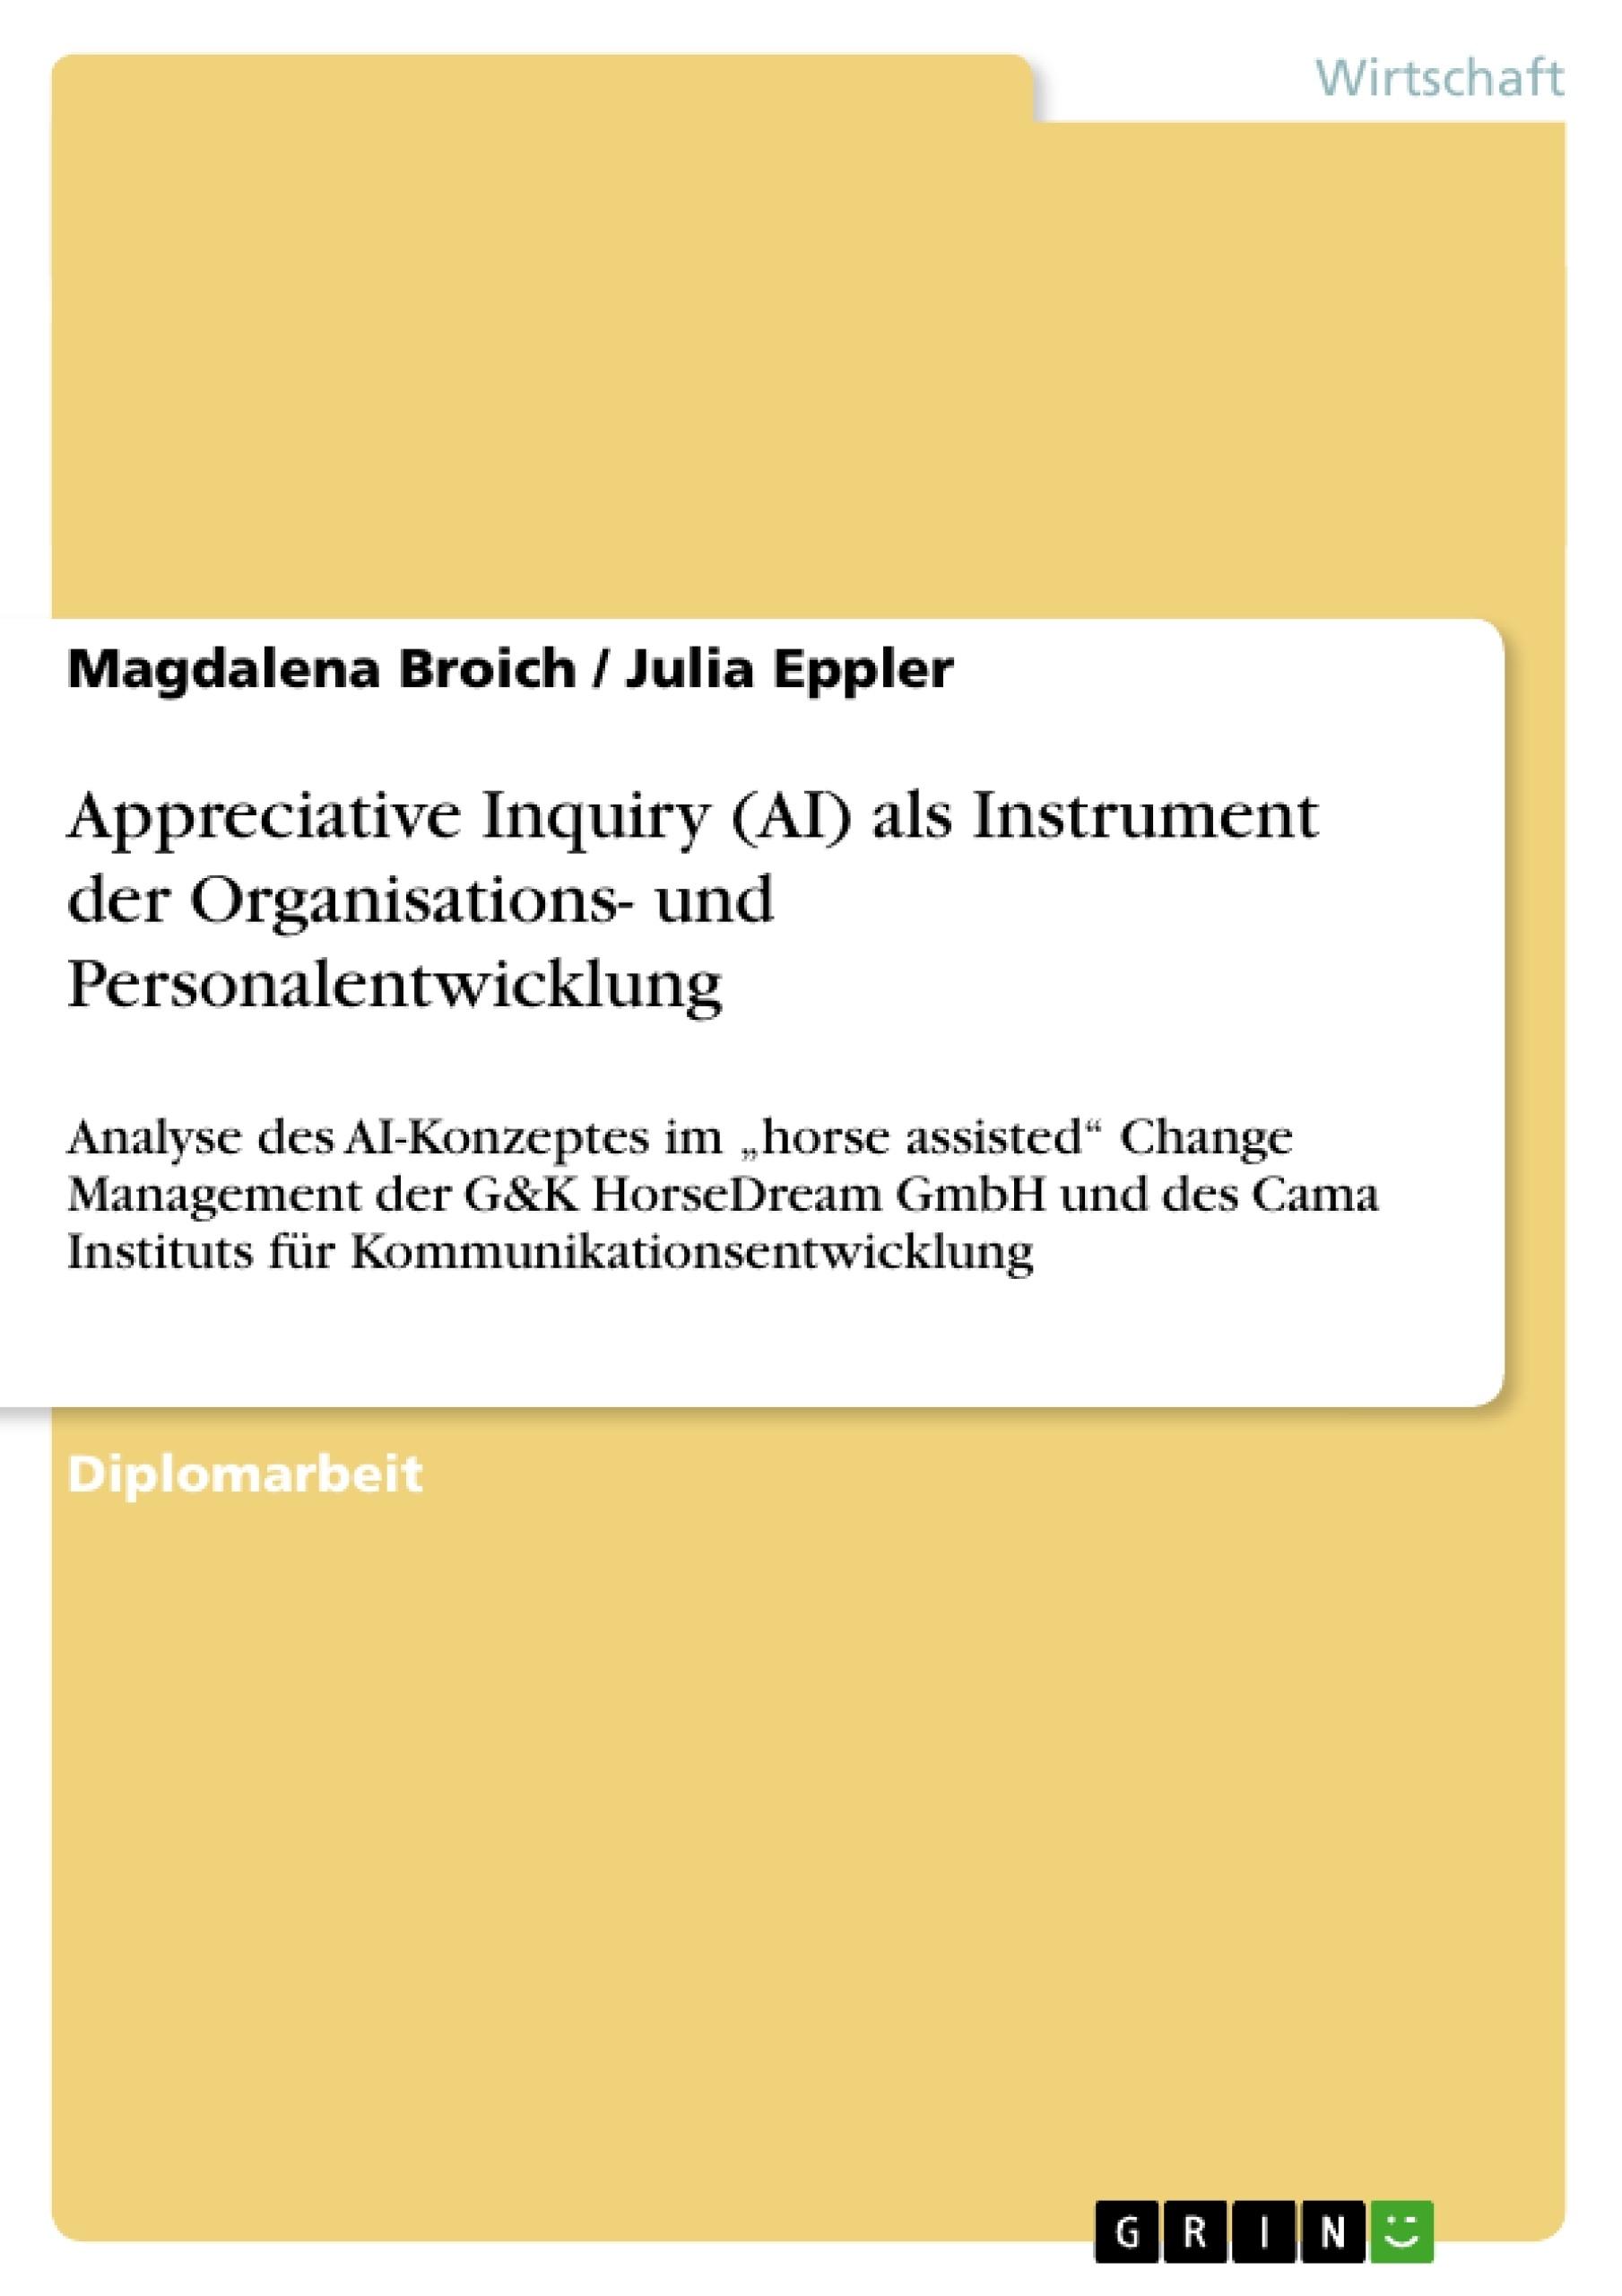 Titel: Appreciative Inquiry (AI) als Instrument der Organisations- und Personalentwicklung